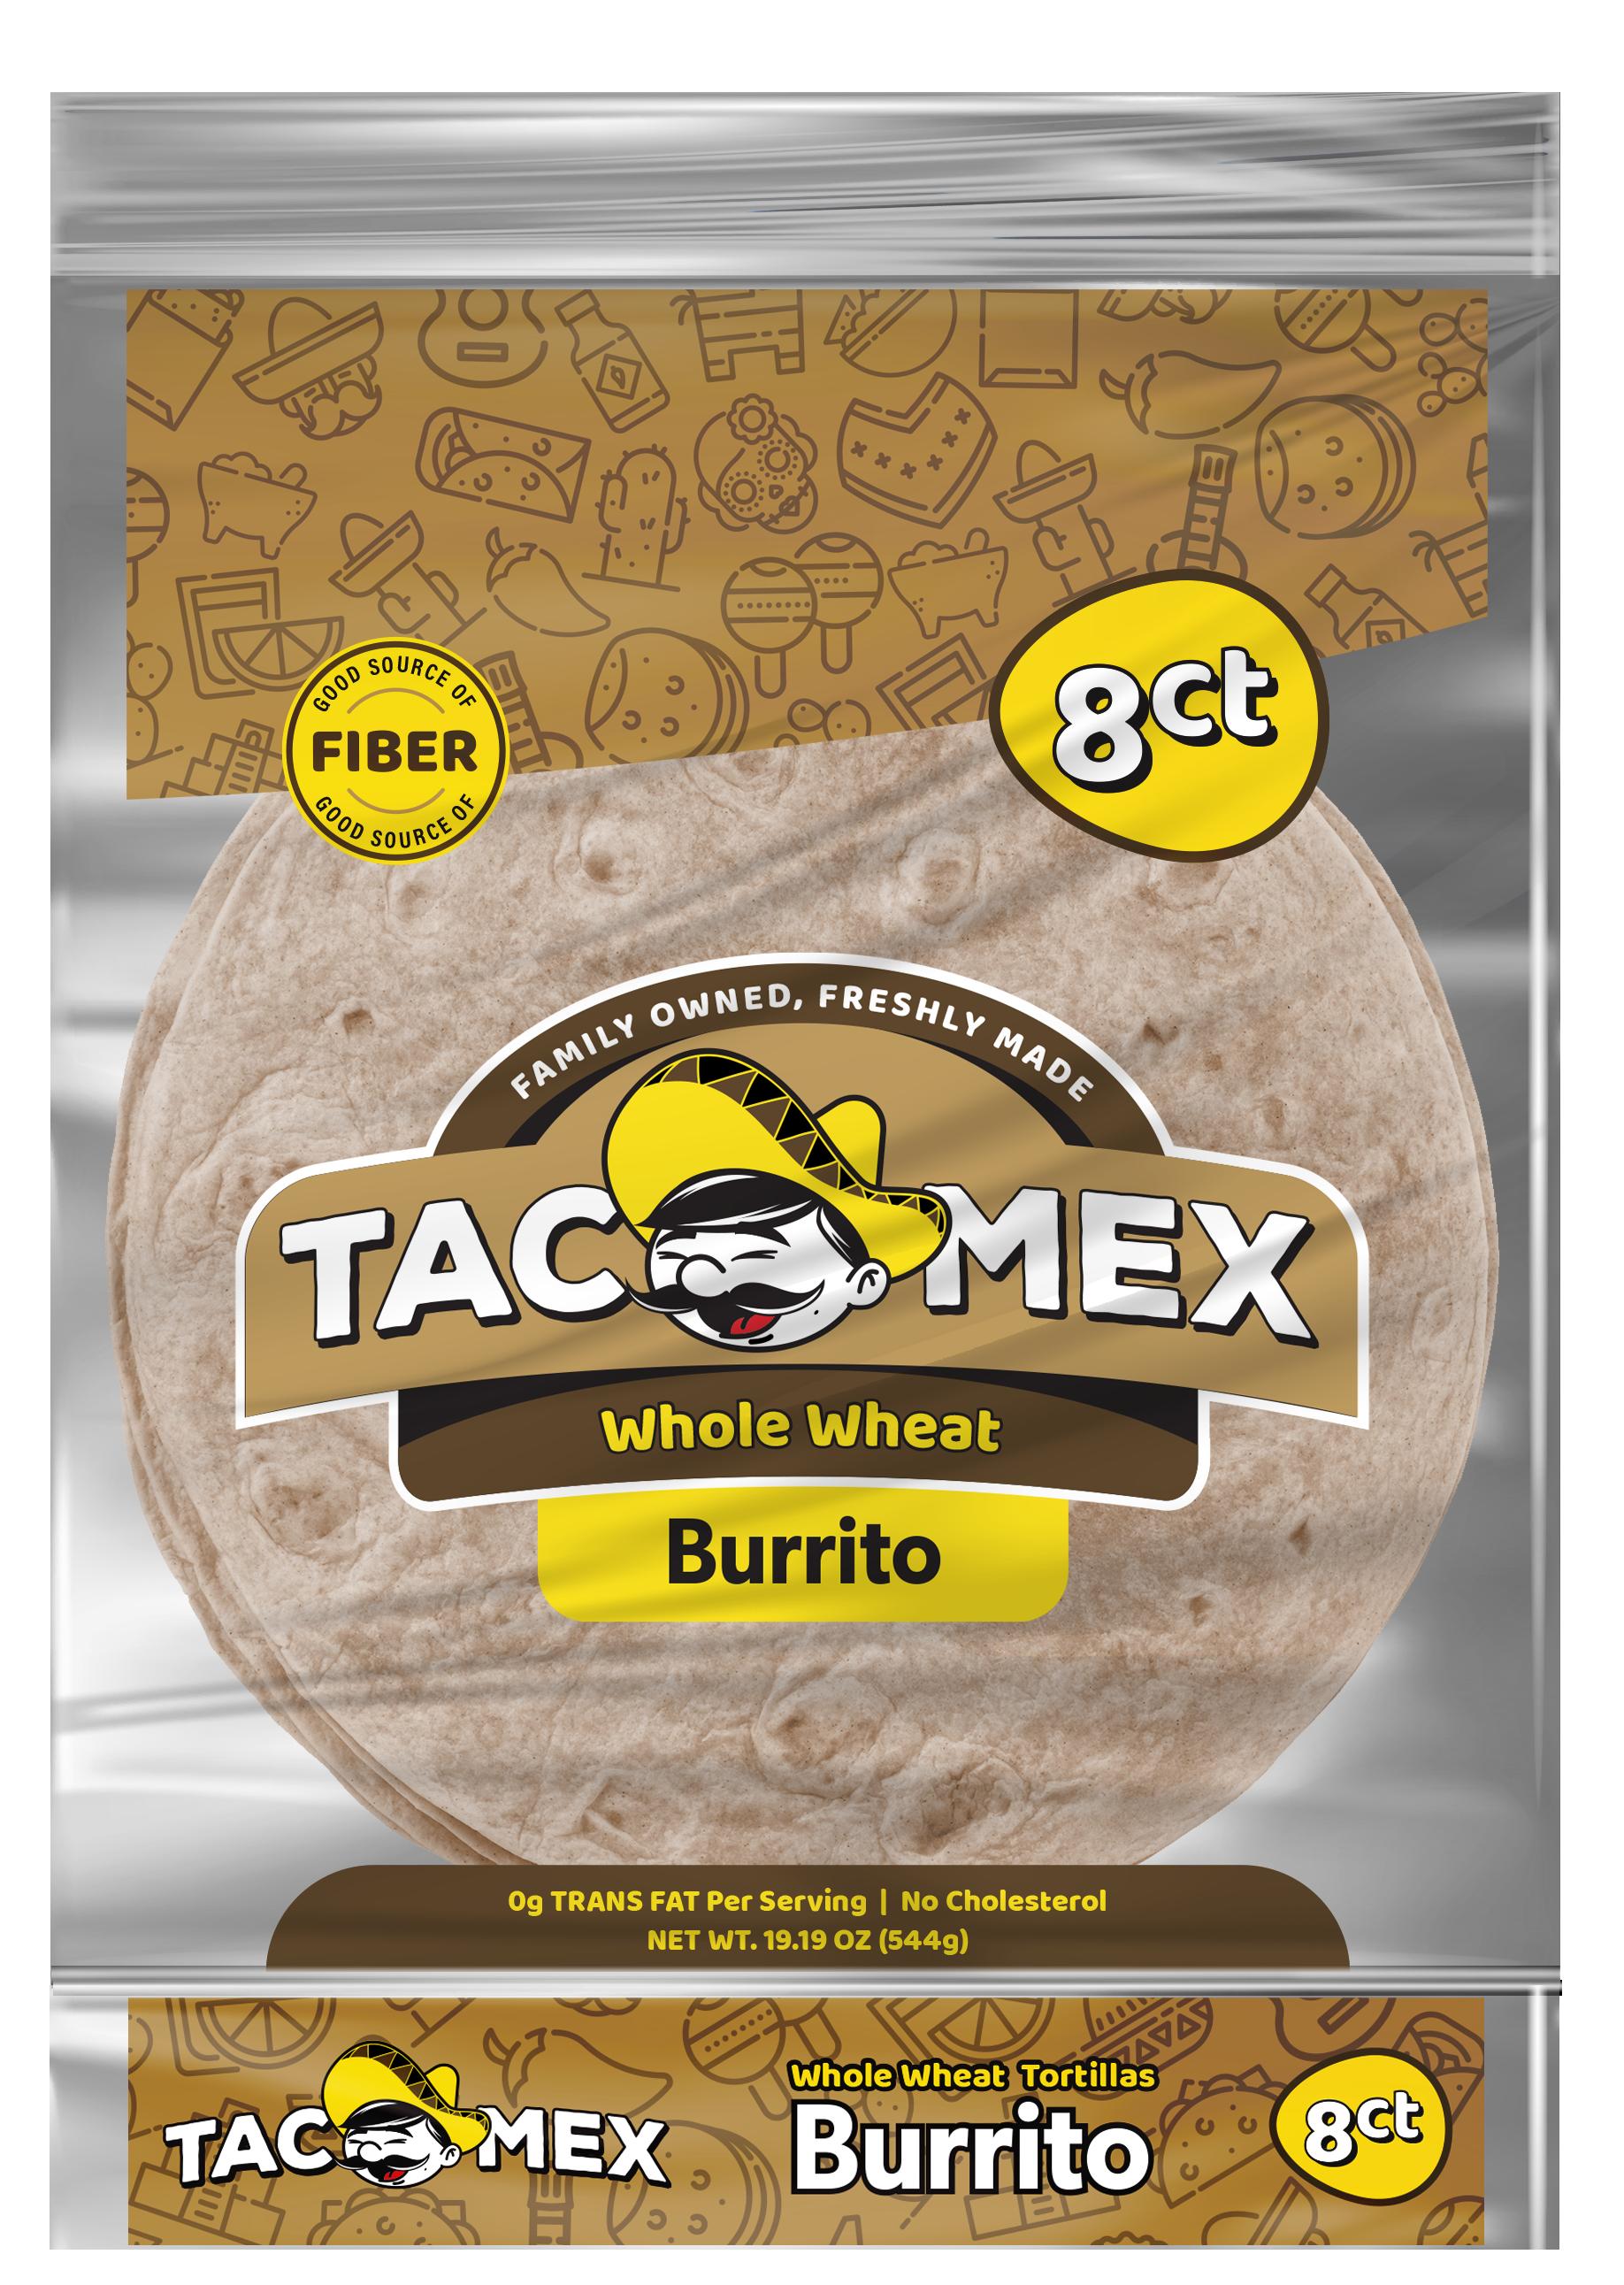 Tacomex burrito whole wheat tortilla